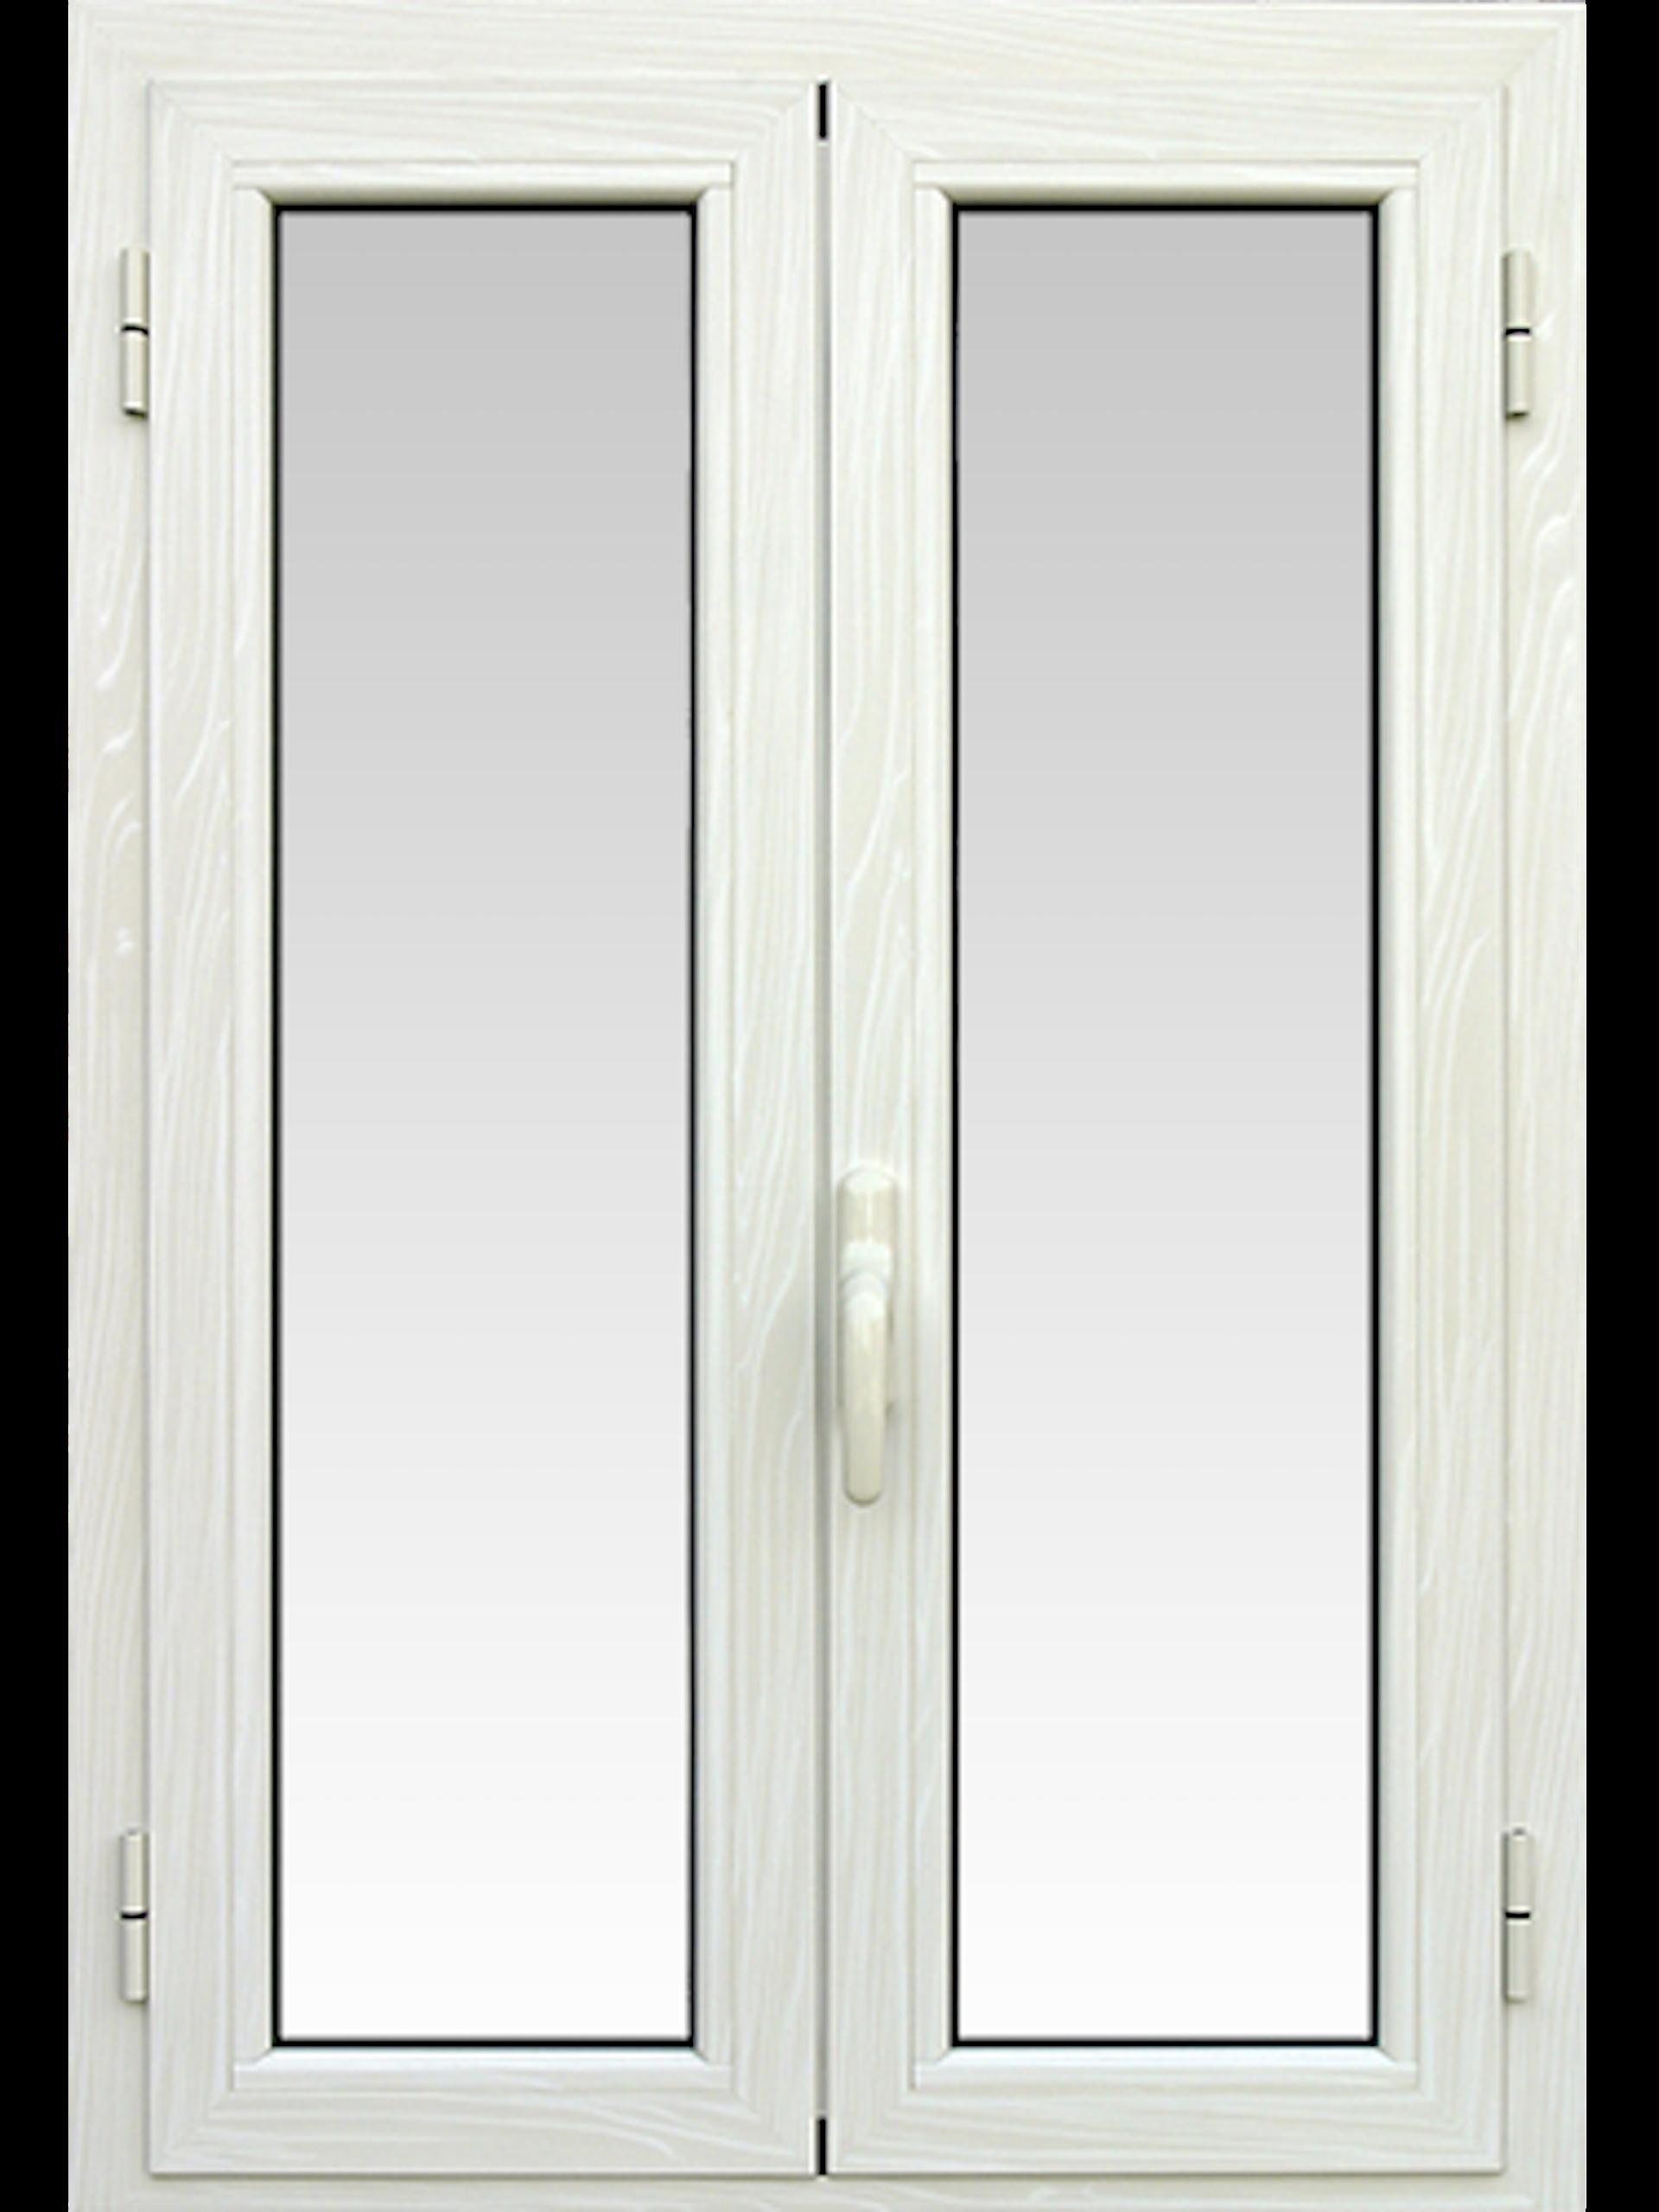 Finestra alluminio modelli download c4dzone - Controfinestre in alluminio prezzi ...